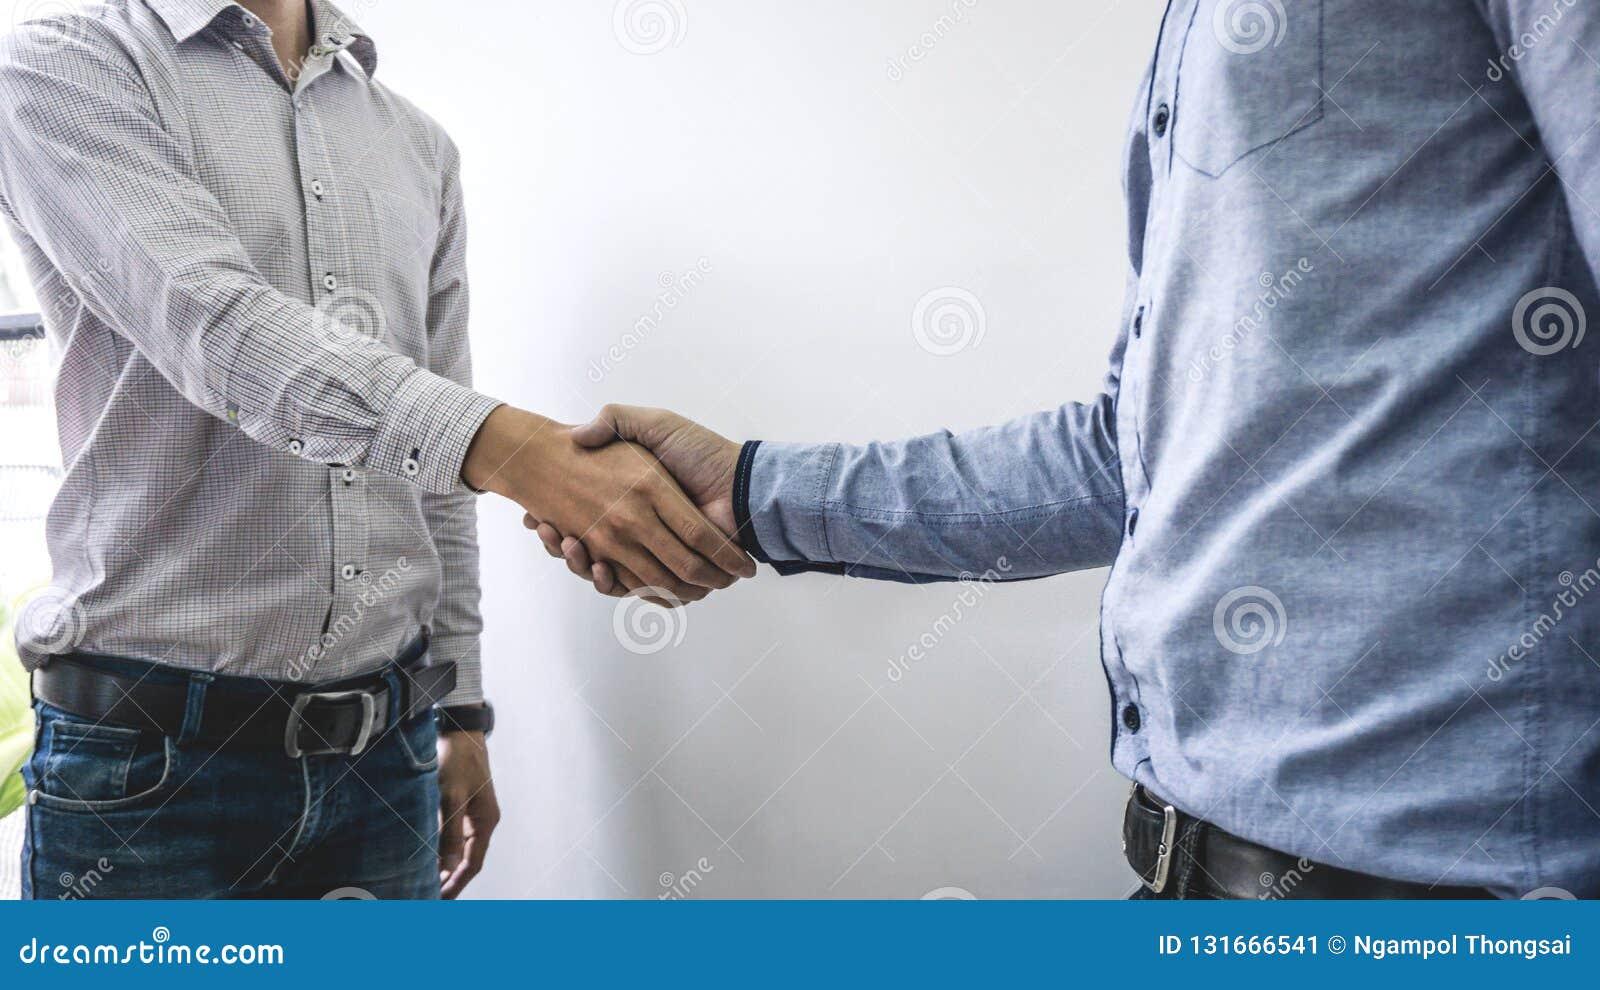 结束会议,两个愉快的商人握手在合同约定成为以后伙伴,合作